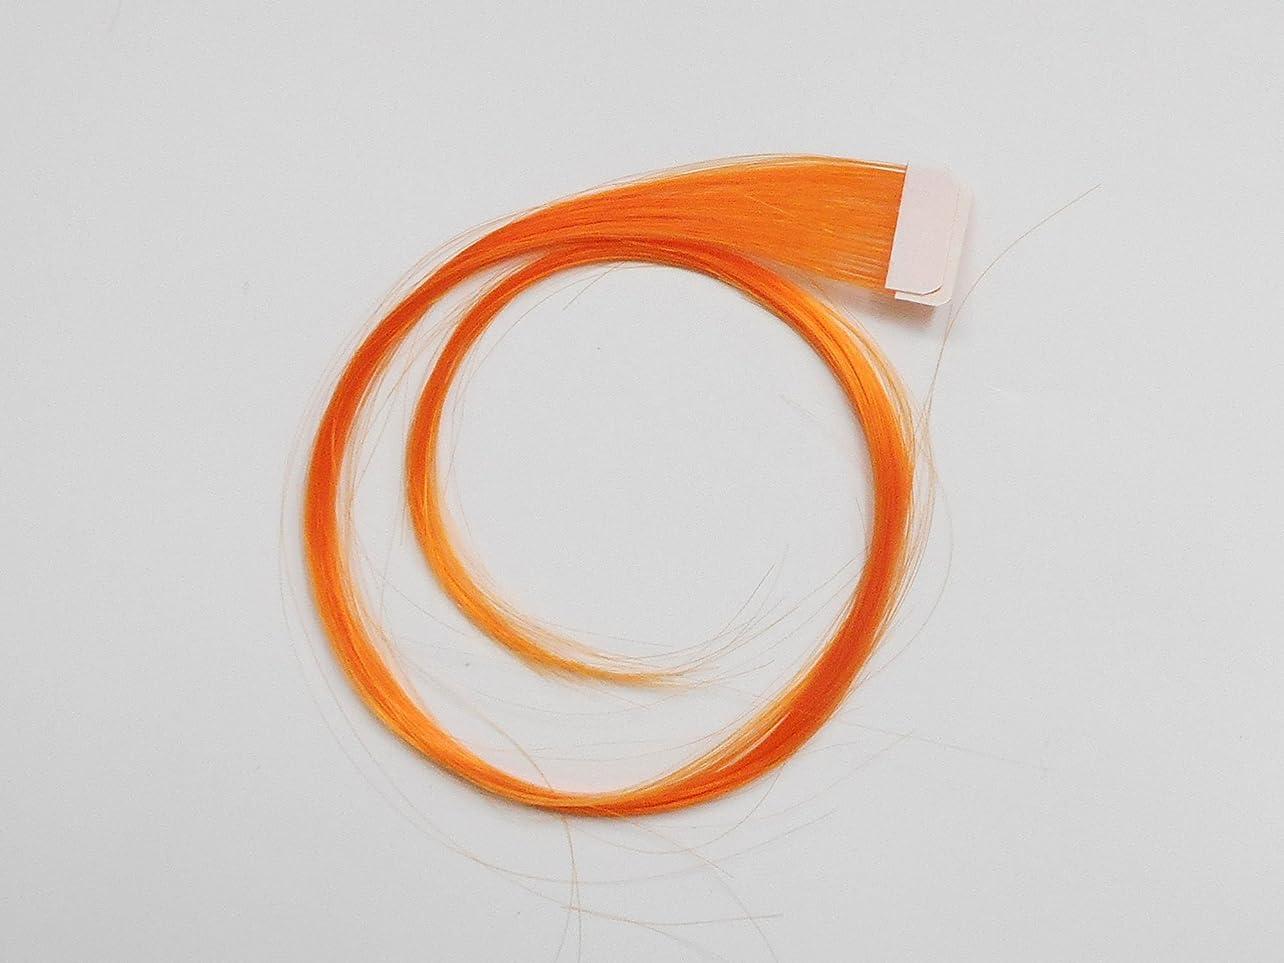 フェザー幸福着る簡単エクステ テープエクステンション シールエクステンション 2枚入 10色カラー (オレンジ)